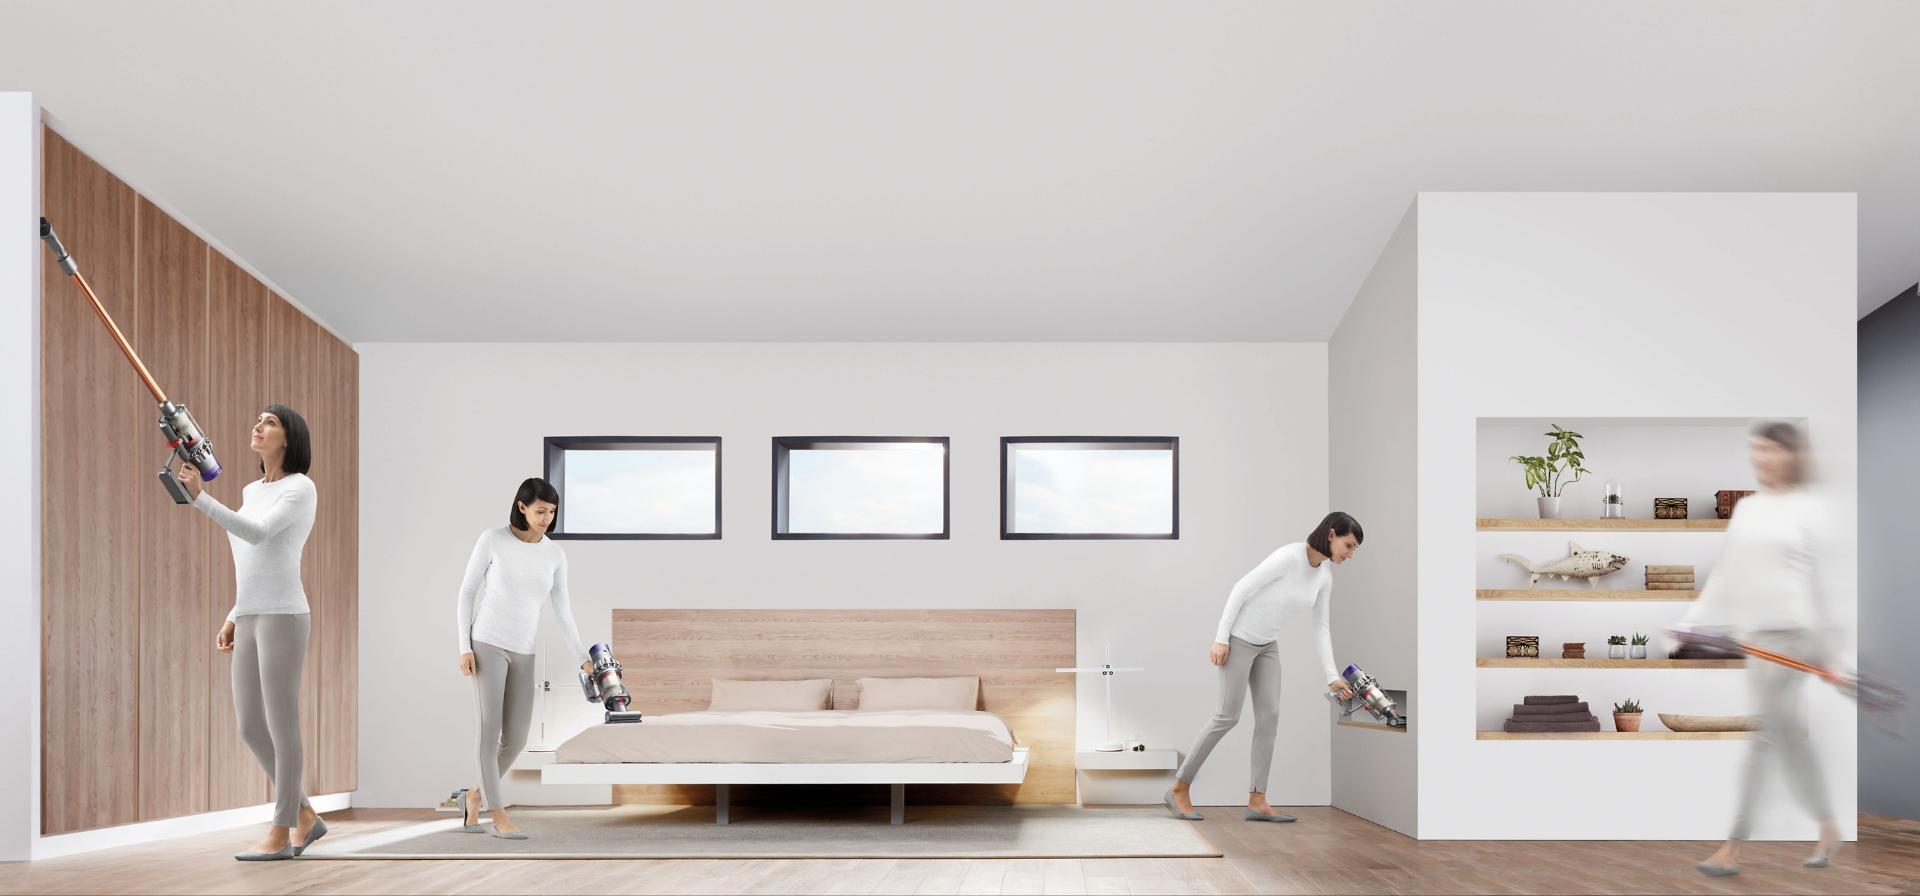 Tehnologia Dyson fără fir face curățenia în întreaga casă mai ușoară